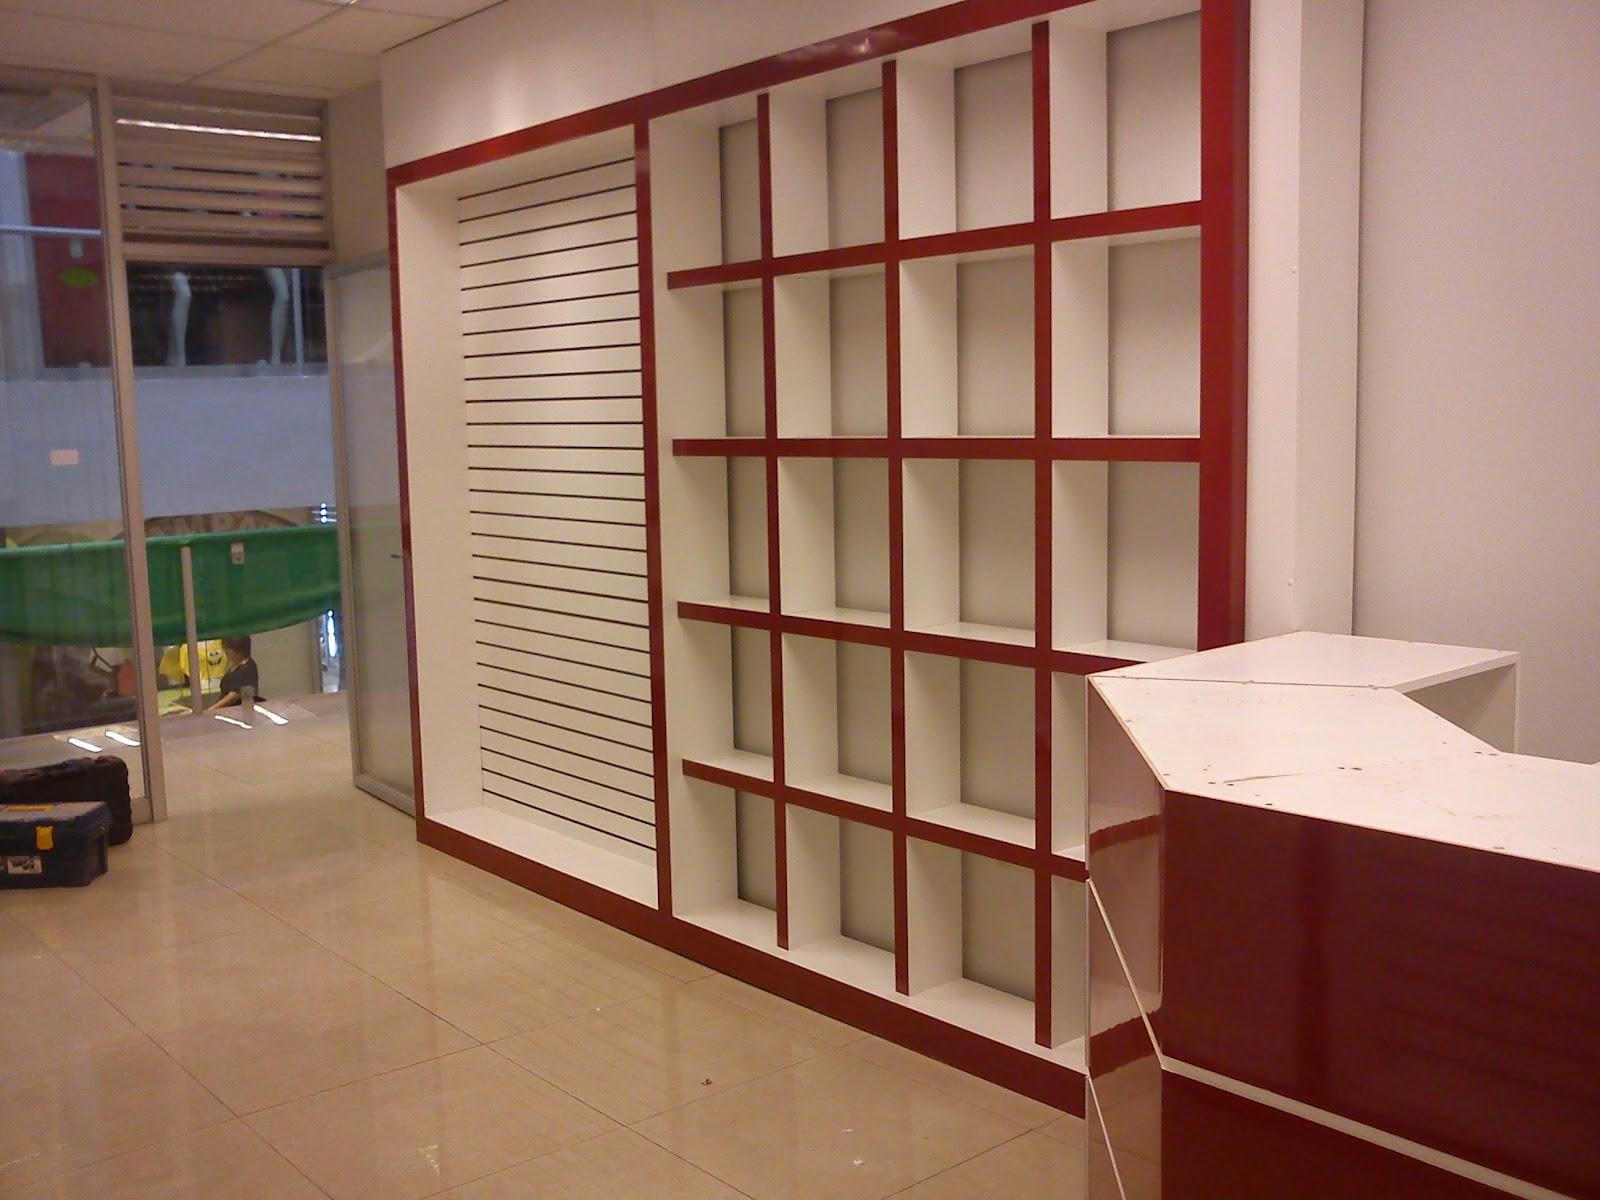 Muebles soluciones iquique negocio for Muebles para negocio